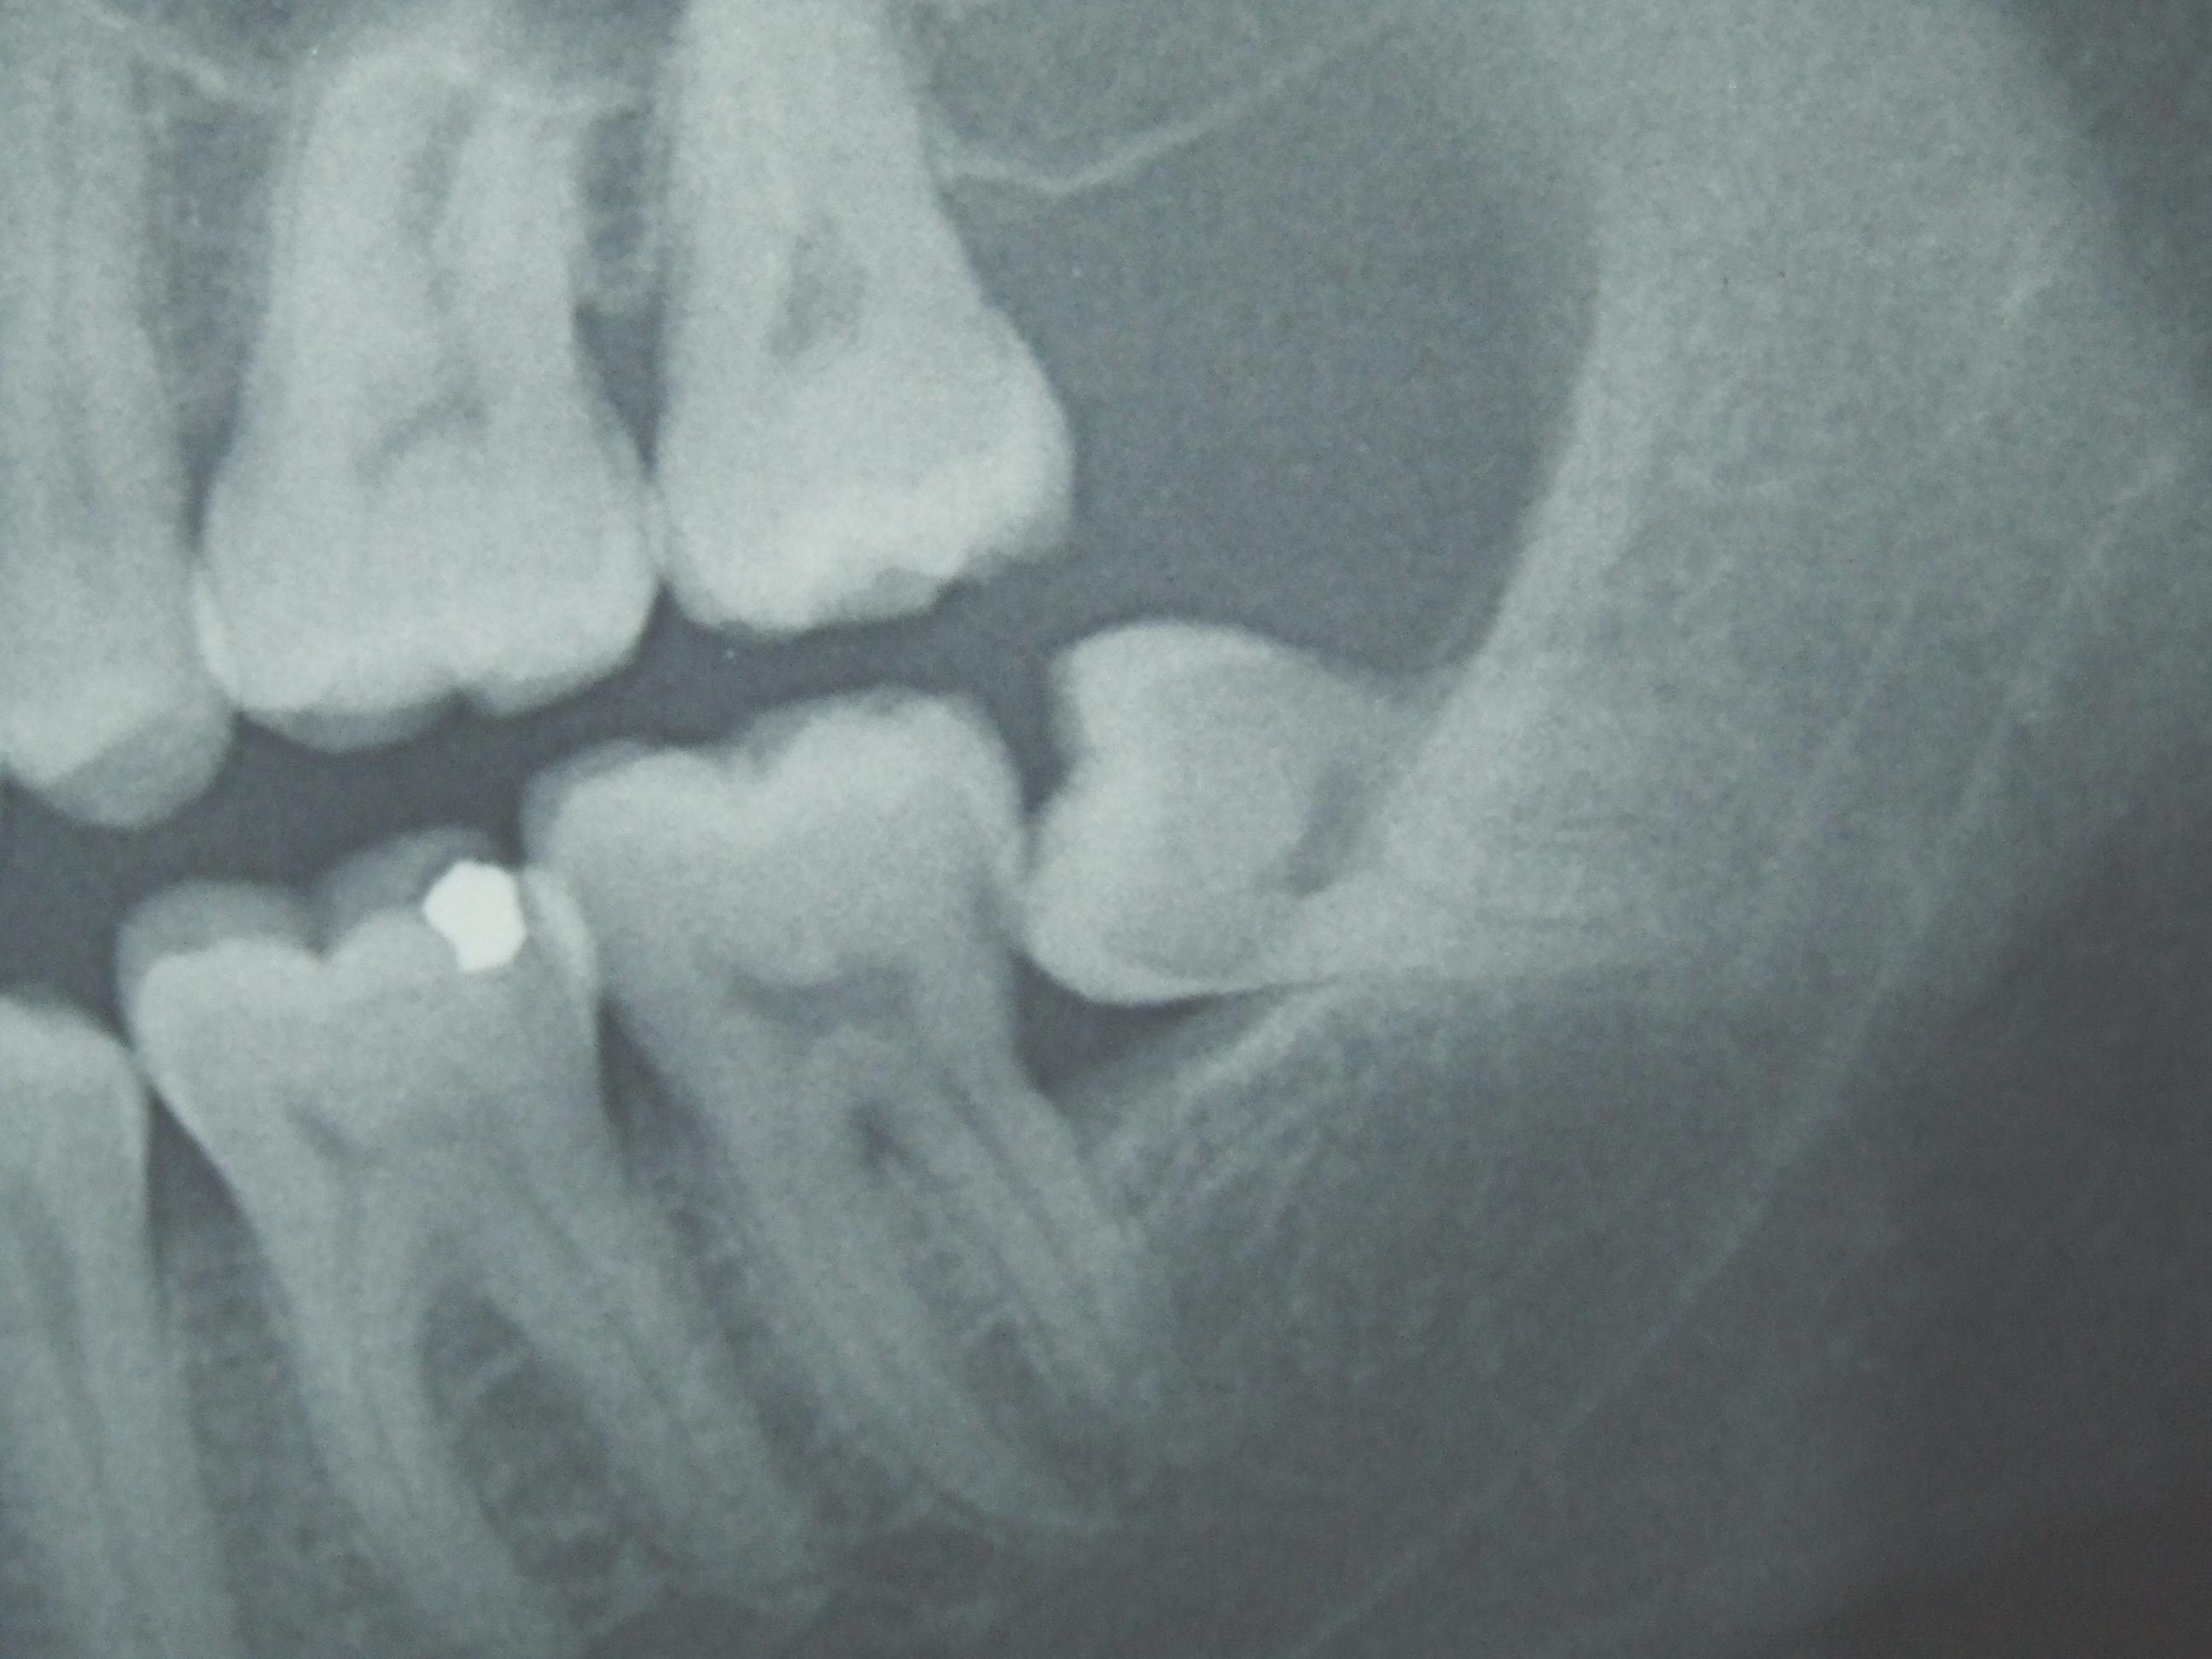 Как происходит удаление зубов мудрости?